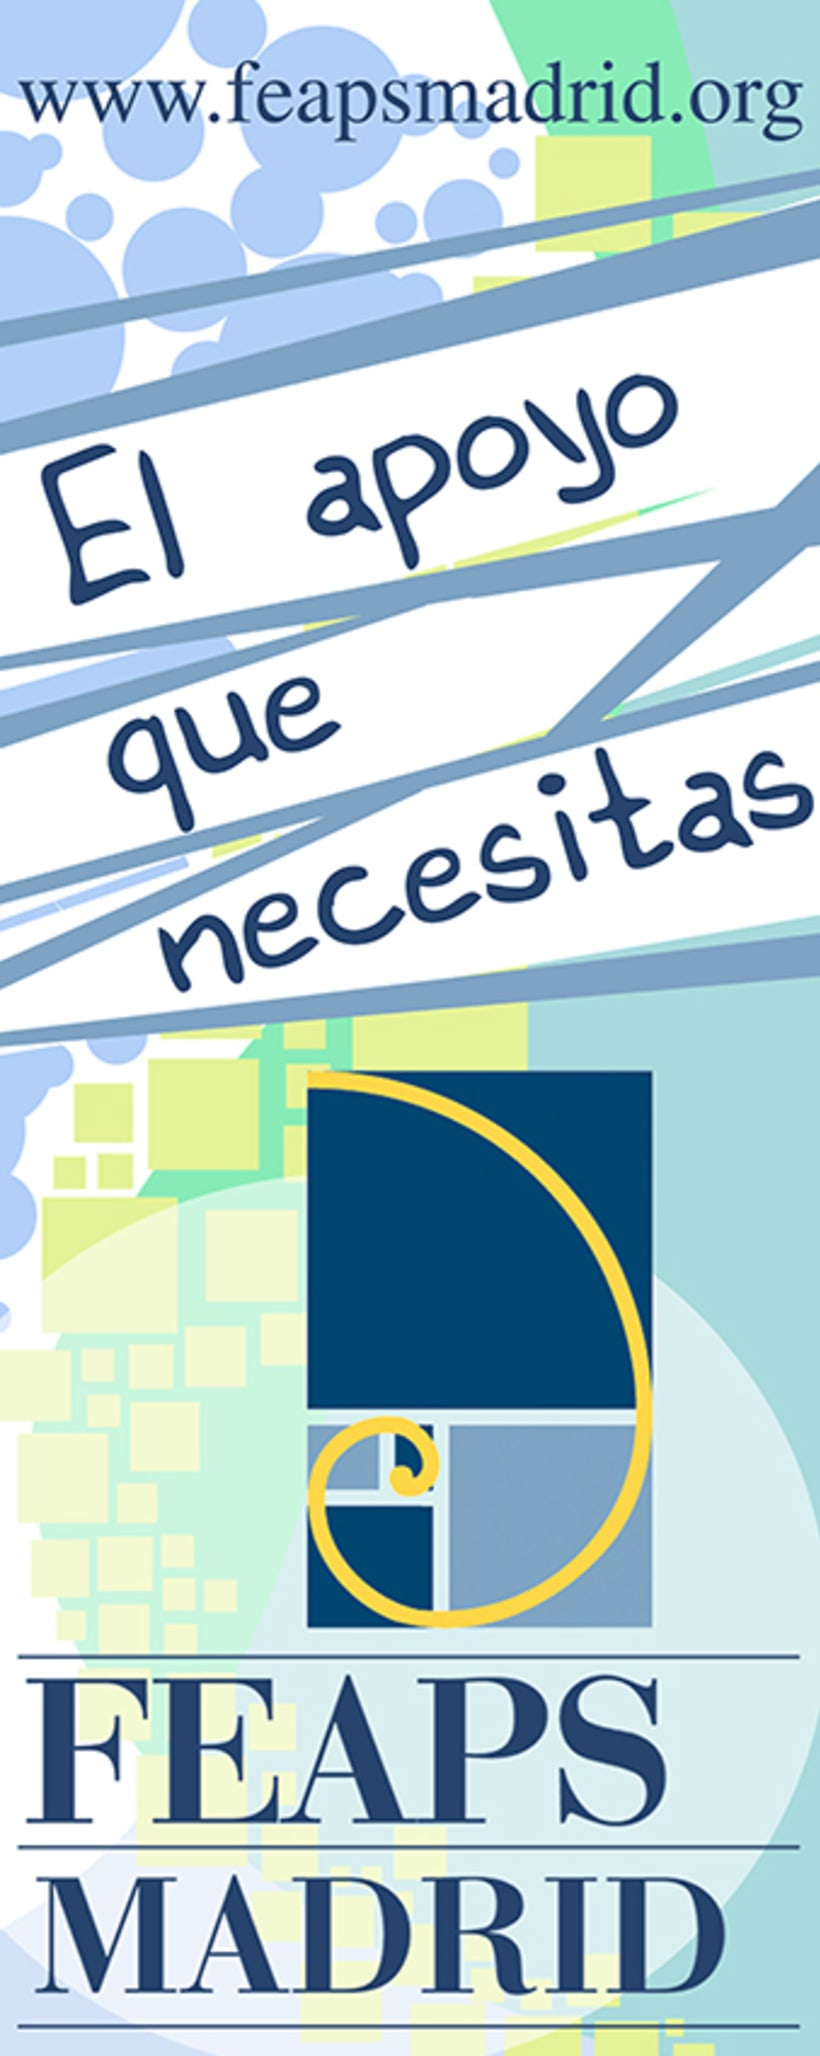 FEAPS Madrid. Materiales diversos 2006-2007 12